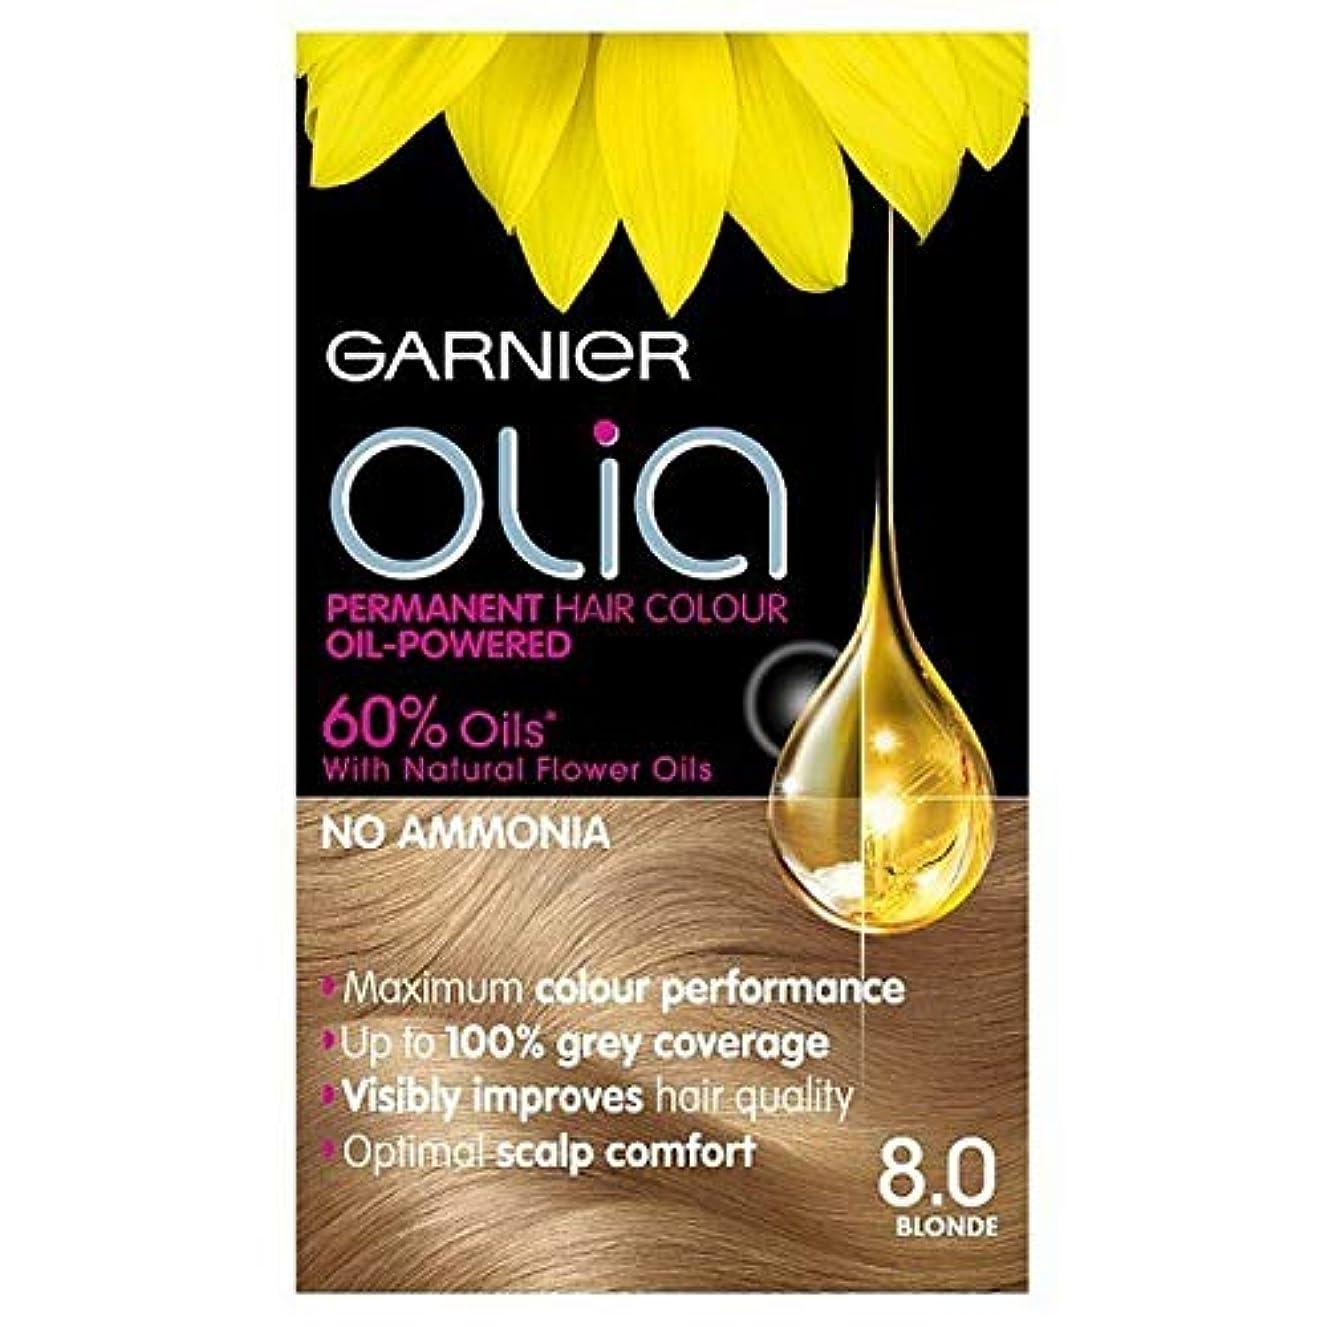 持っているラメ鎖[Garnier ] 8.0ブロンドガルニエOliaパーマネントヘアダイ - Garnier Olia Permanent Hair Dye Blonde 8.0 [並行輸入品]